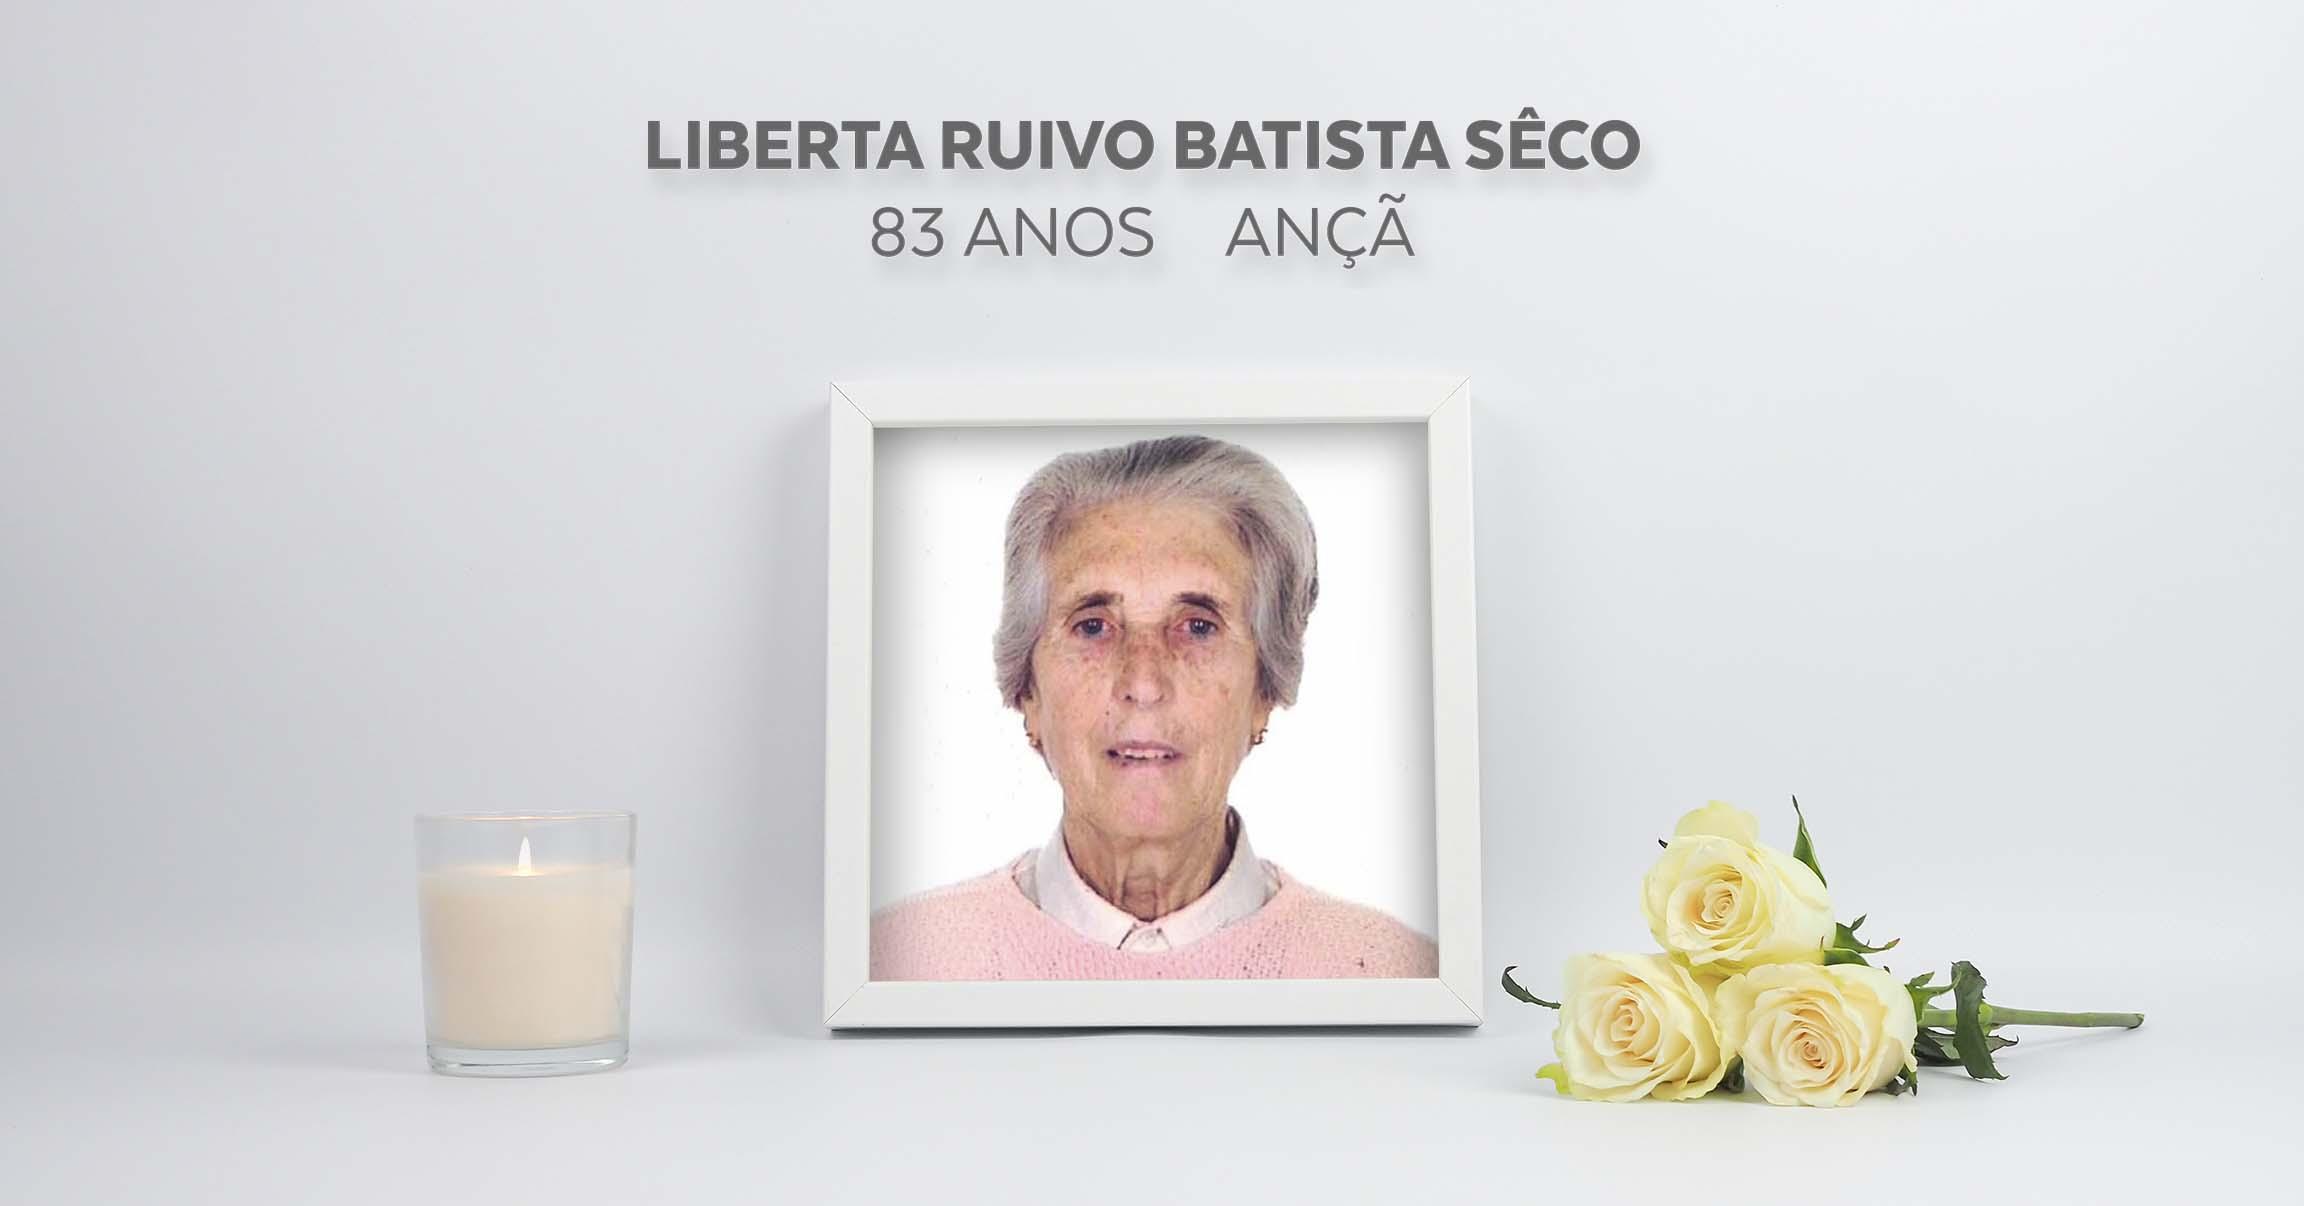 Liberta Ruivo Batista Seco